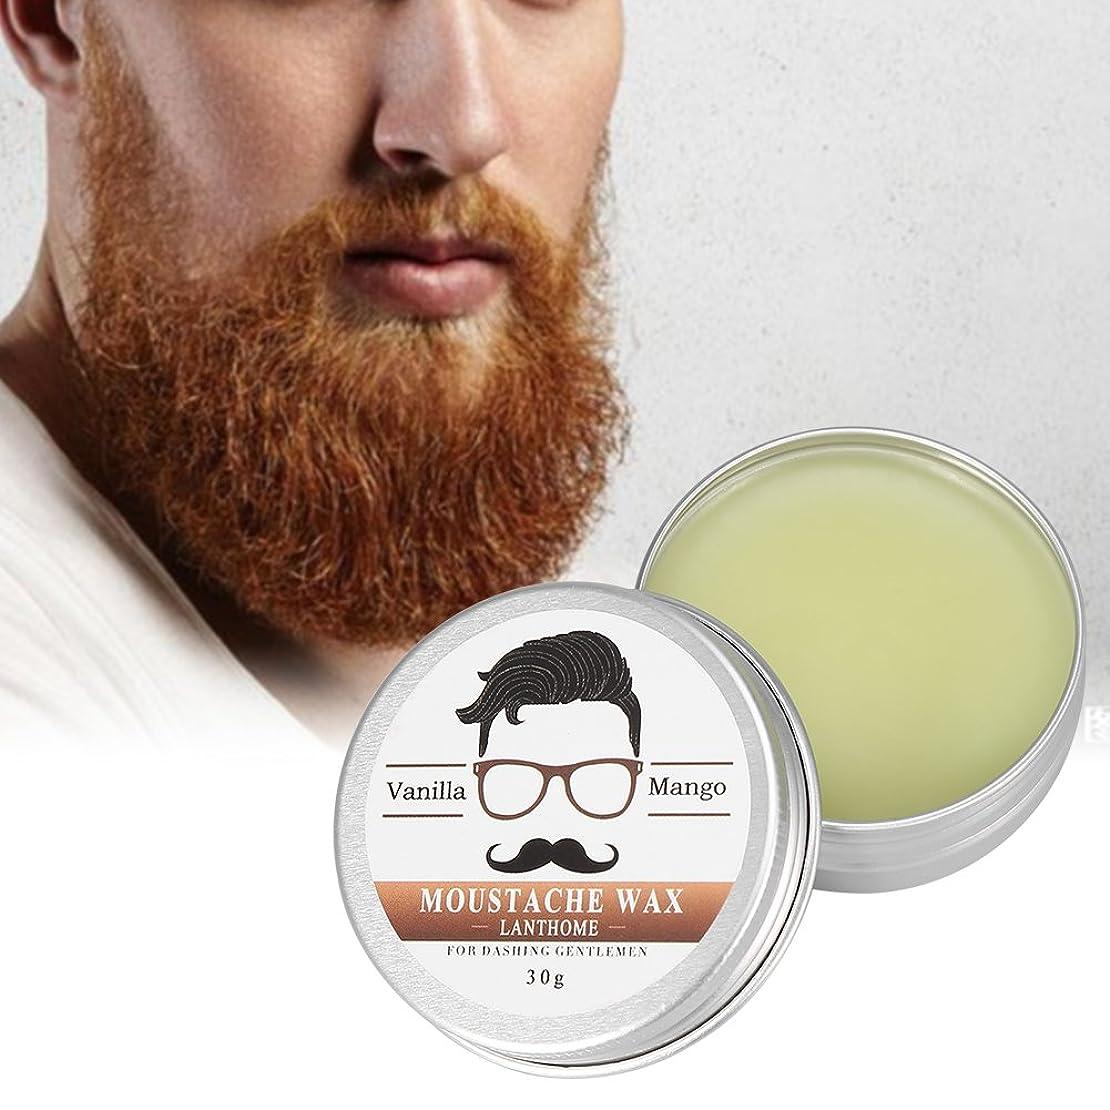 月曜一マエストロビアードワックス ひげクリーム 口髭用 ワックス バーム 男性用 保湿 滋養 ひげ根 ケア